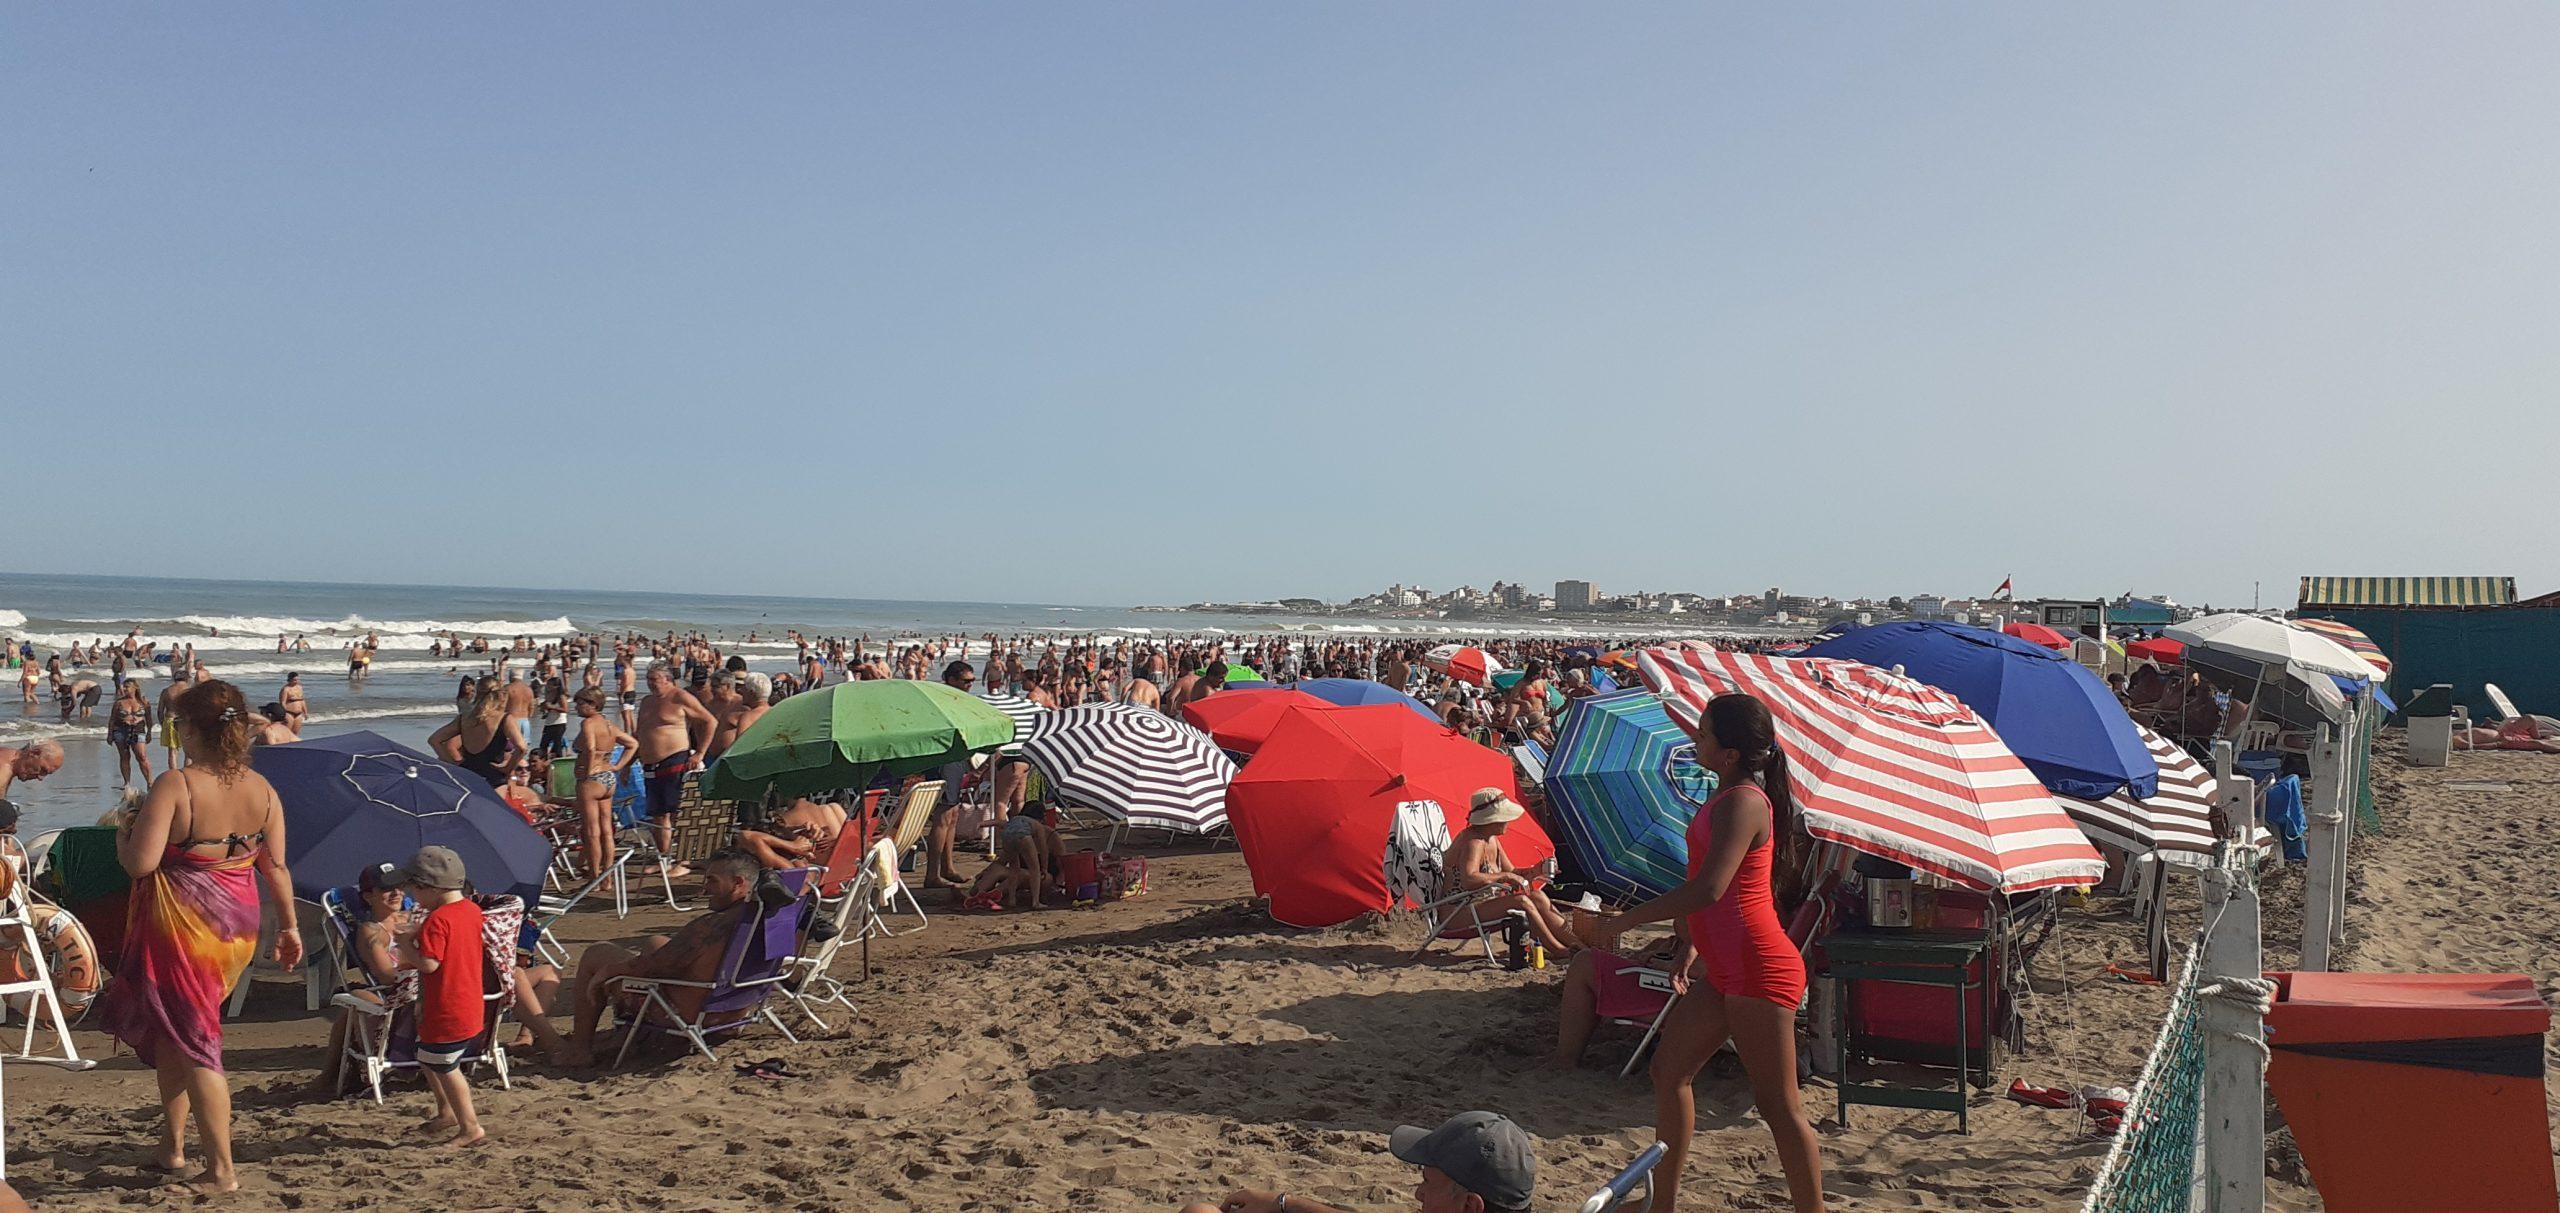 Mar del Plata vivió el último fin de semana de enero repleta de turistas